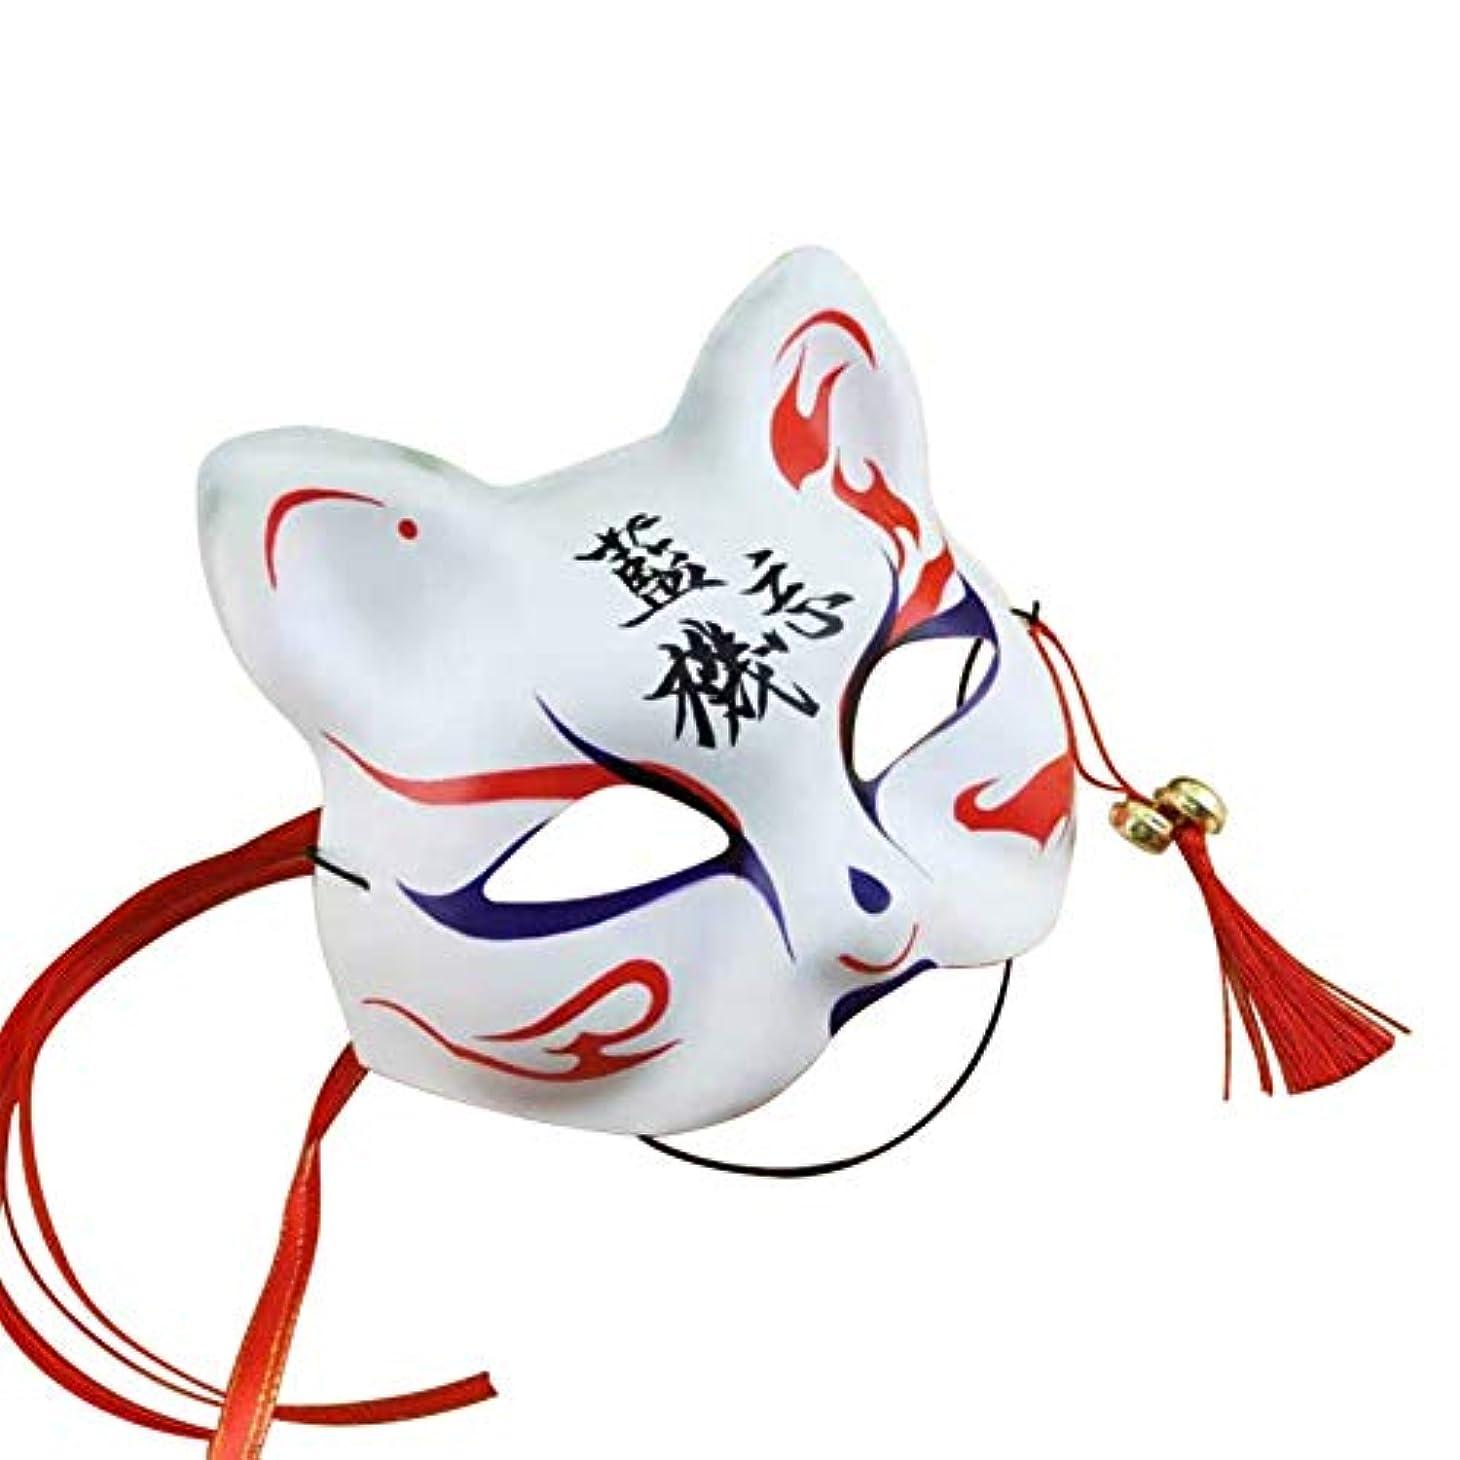 アカデミックほとんどの場合俳句KISSION 仮面 キツネの仮面 タッセルと小さな鐘 フォックスマスク ユニセックス パーティーマスク小道具 コスプレマスク プラスチックマスク